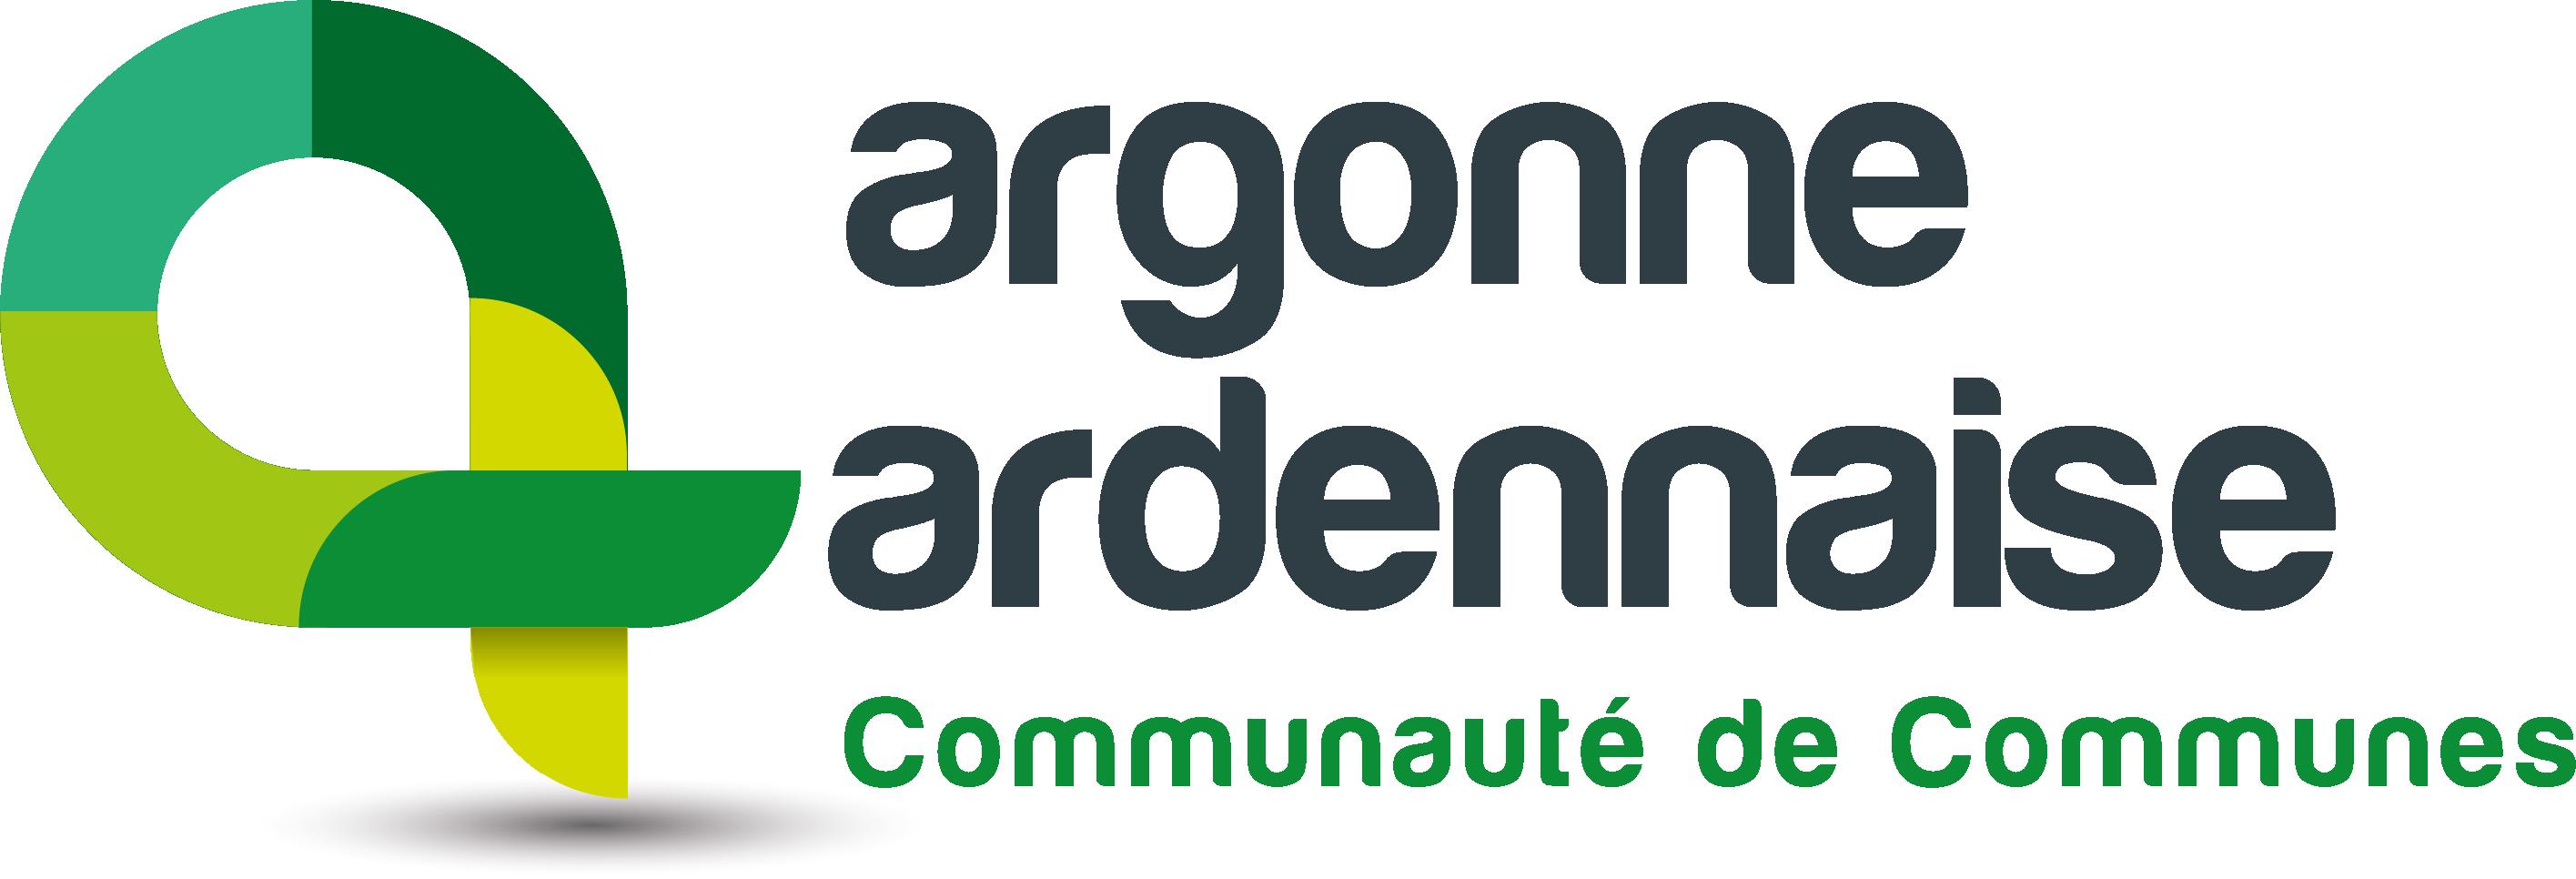 Argonne Ardennaise